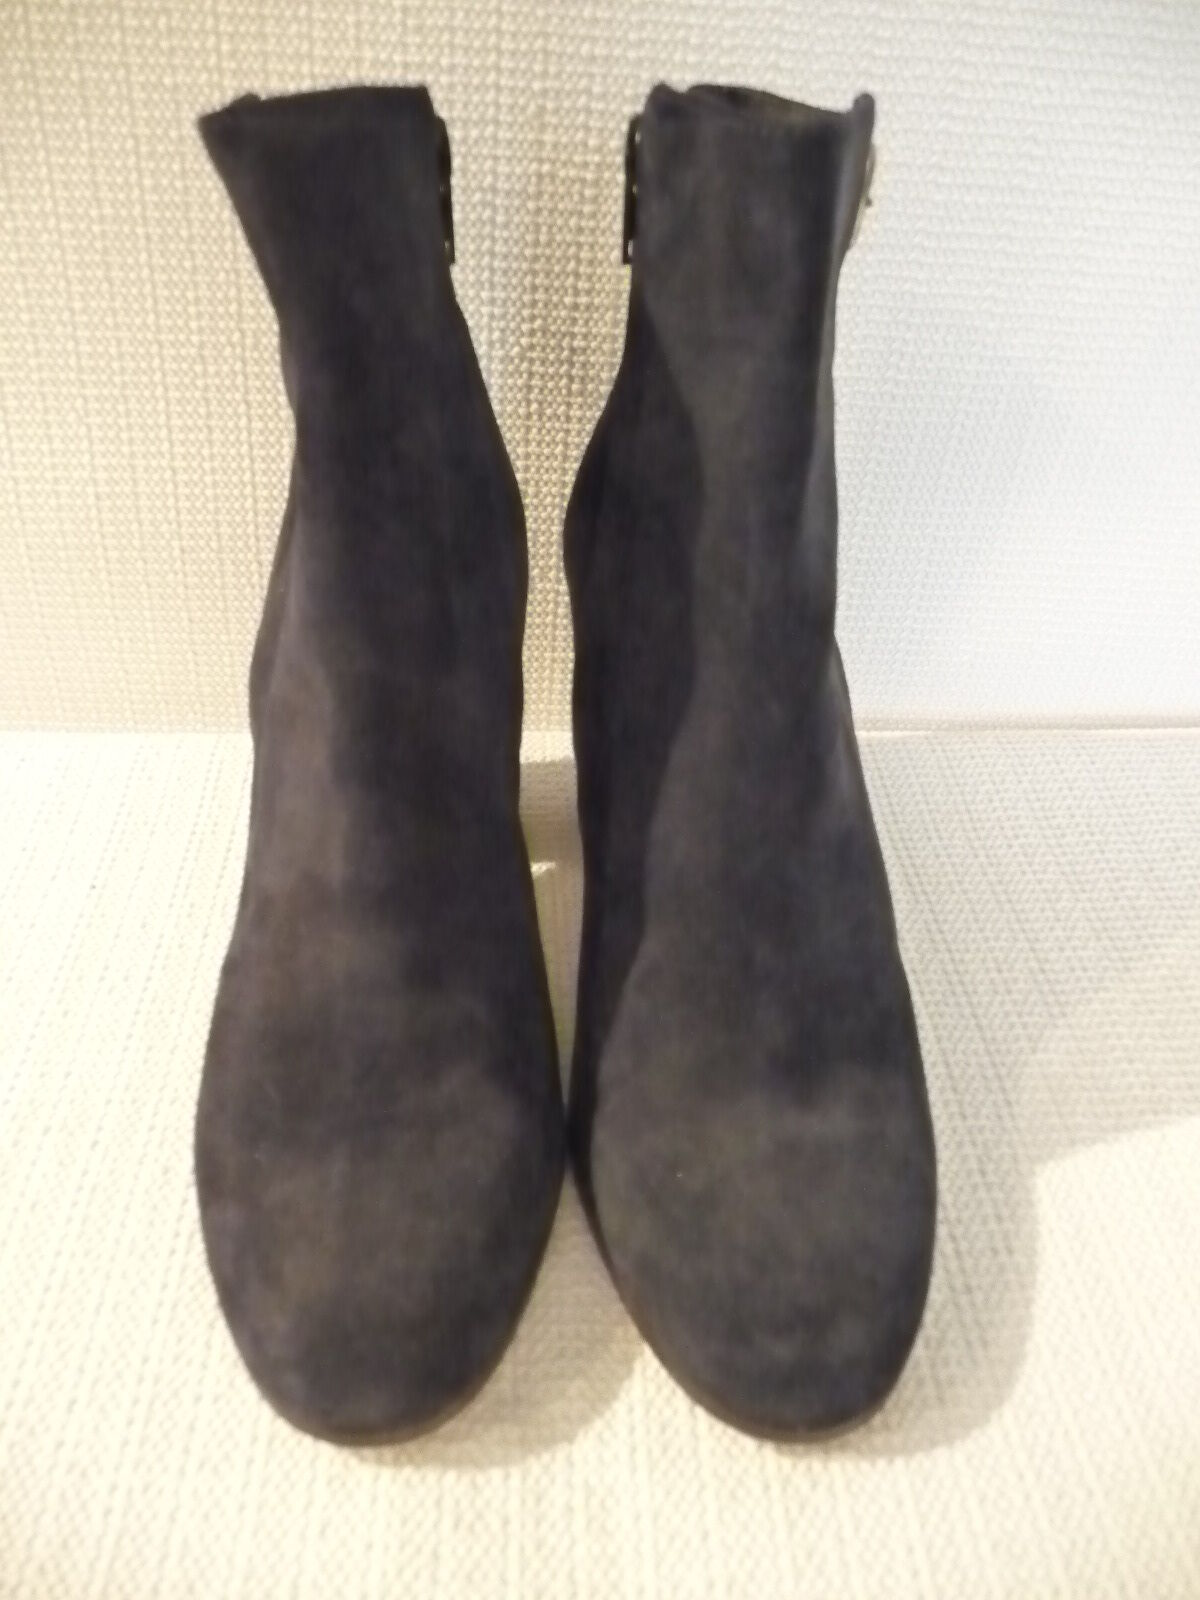 Nuevas botas botas botas al Tobillo Gamuza J. Crew Barrett Highland, Azul Marino Talla 7 A9825  258  en promociones de estadios